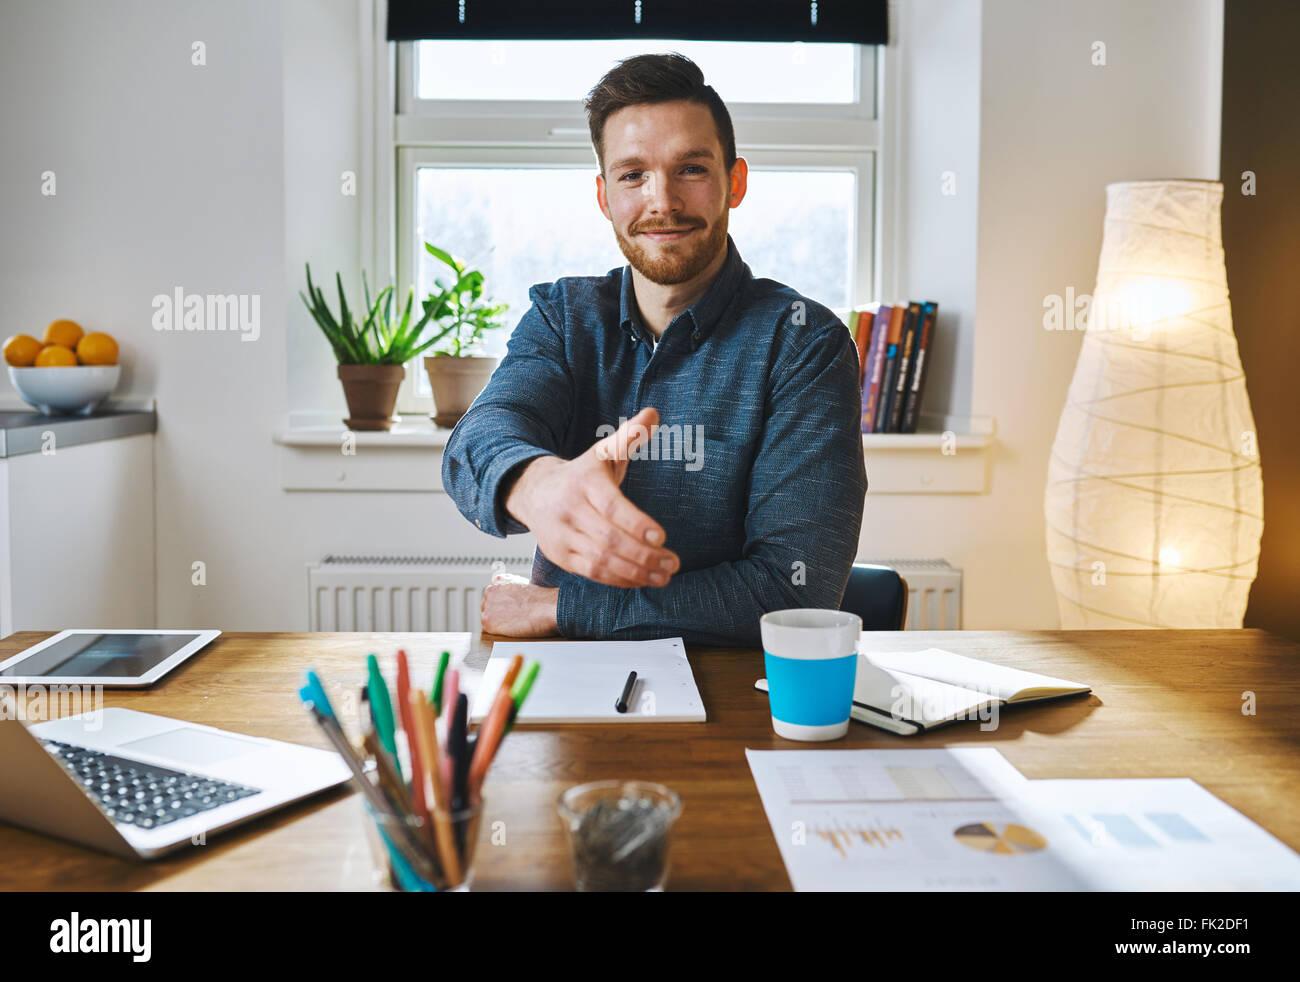 Lächelnd Geschäftsmann lehnt sich auf seinem Schreibtisch bietet seine Hand in Gruß, ein Geschäft in Partnerschaft oder Herzlichen Glückwunsch schließen Stockfoto